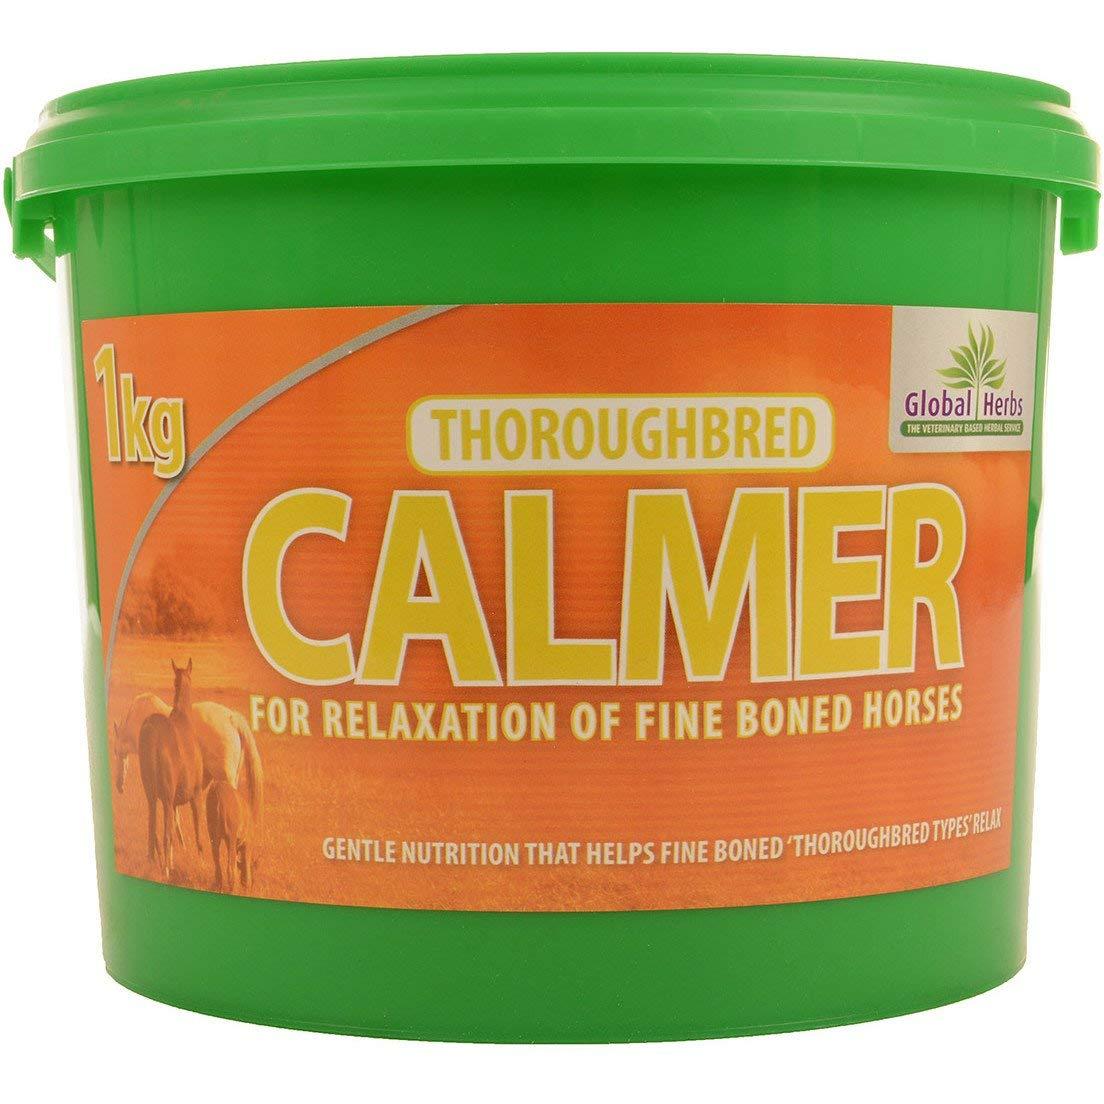 Global Herbs - Thoroughbred Calmer: 1kg